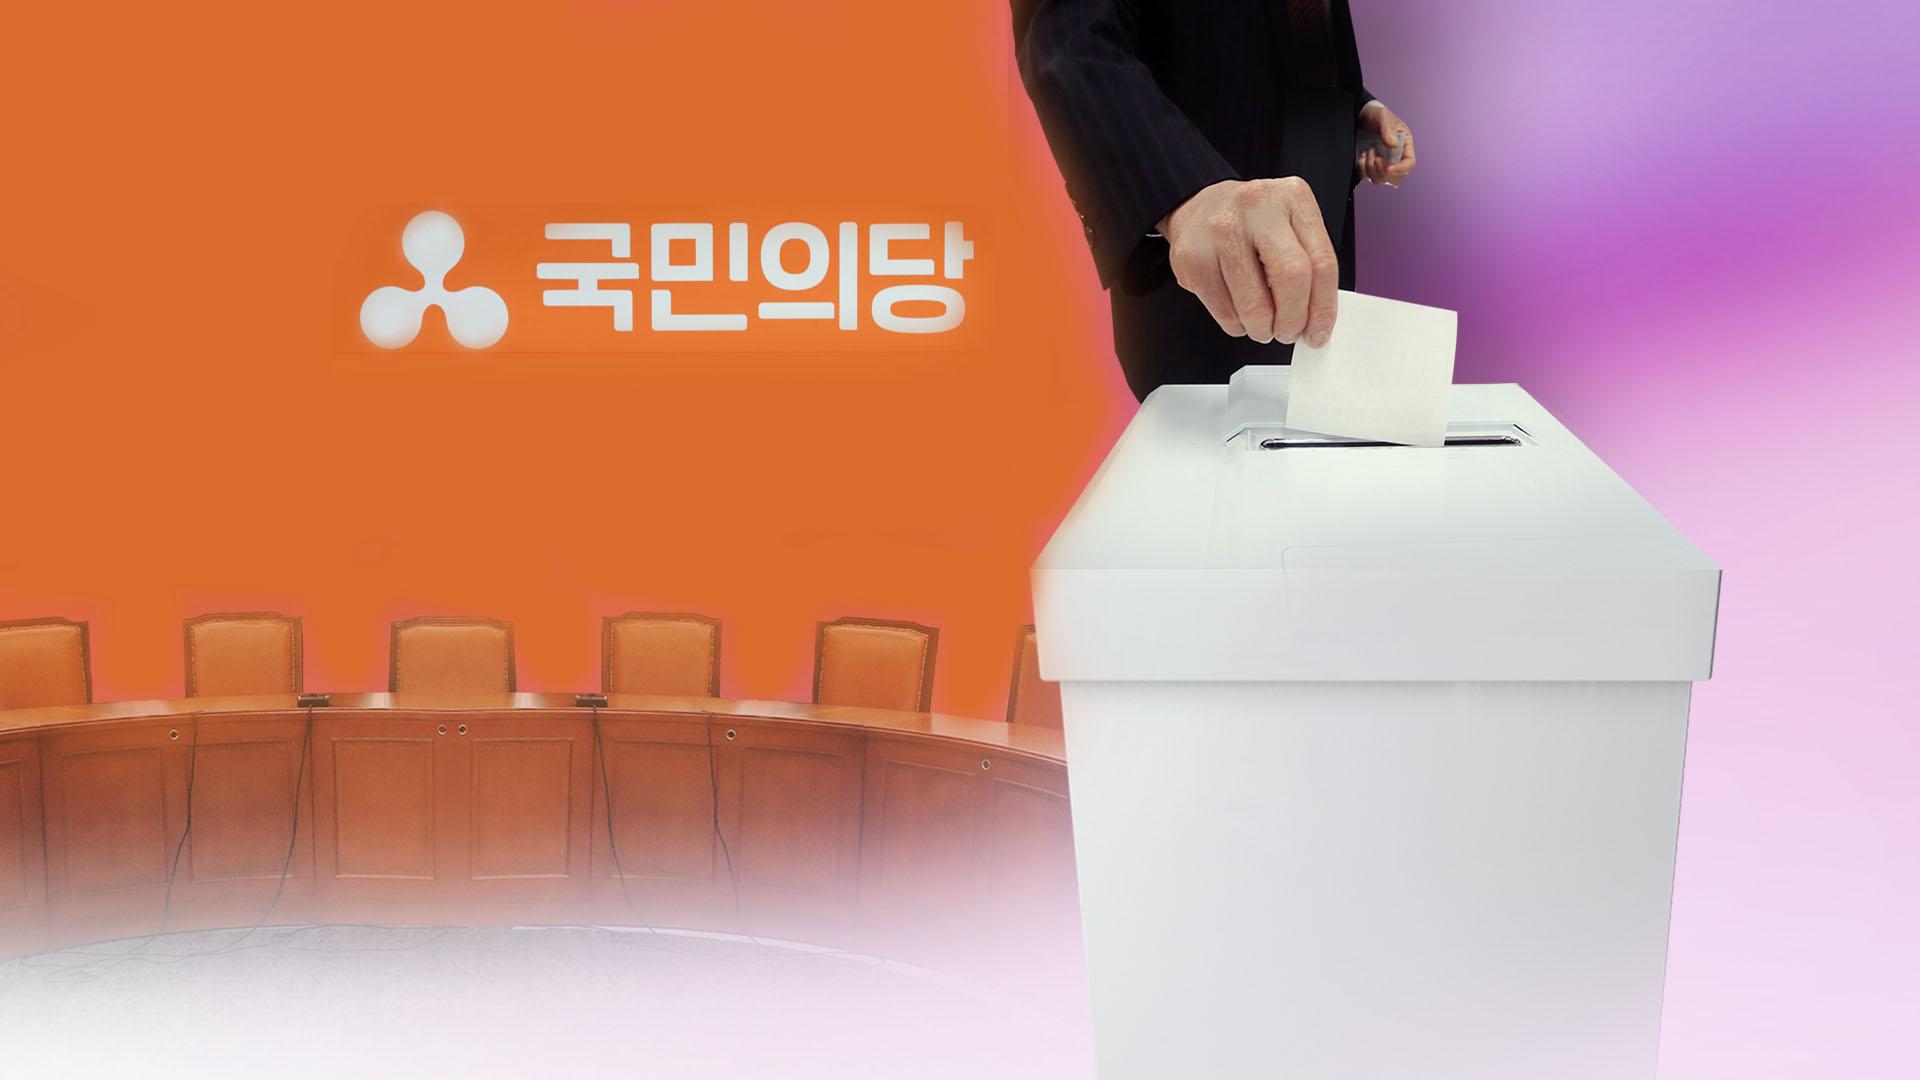 [선택 4·15] 4년 전 국민의당 표심 어디로…수도권 승부 가른다